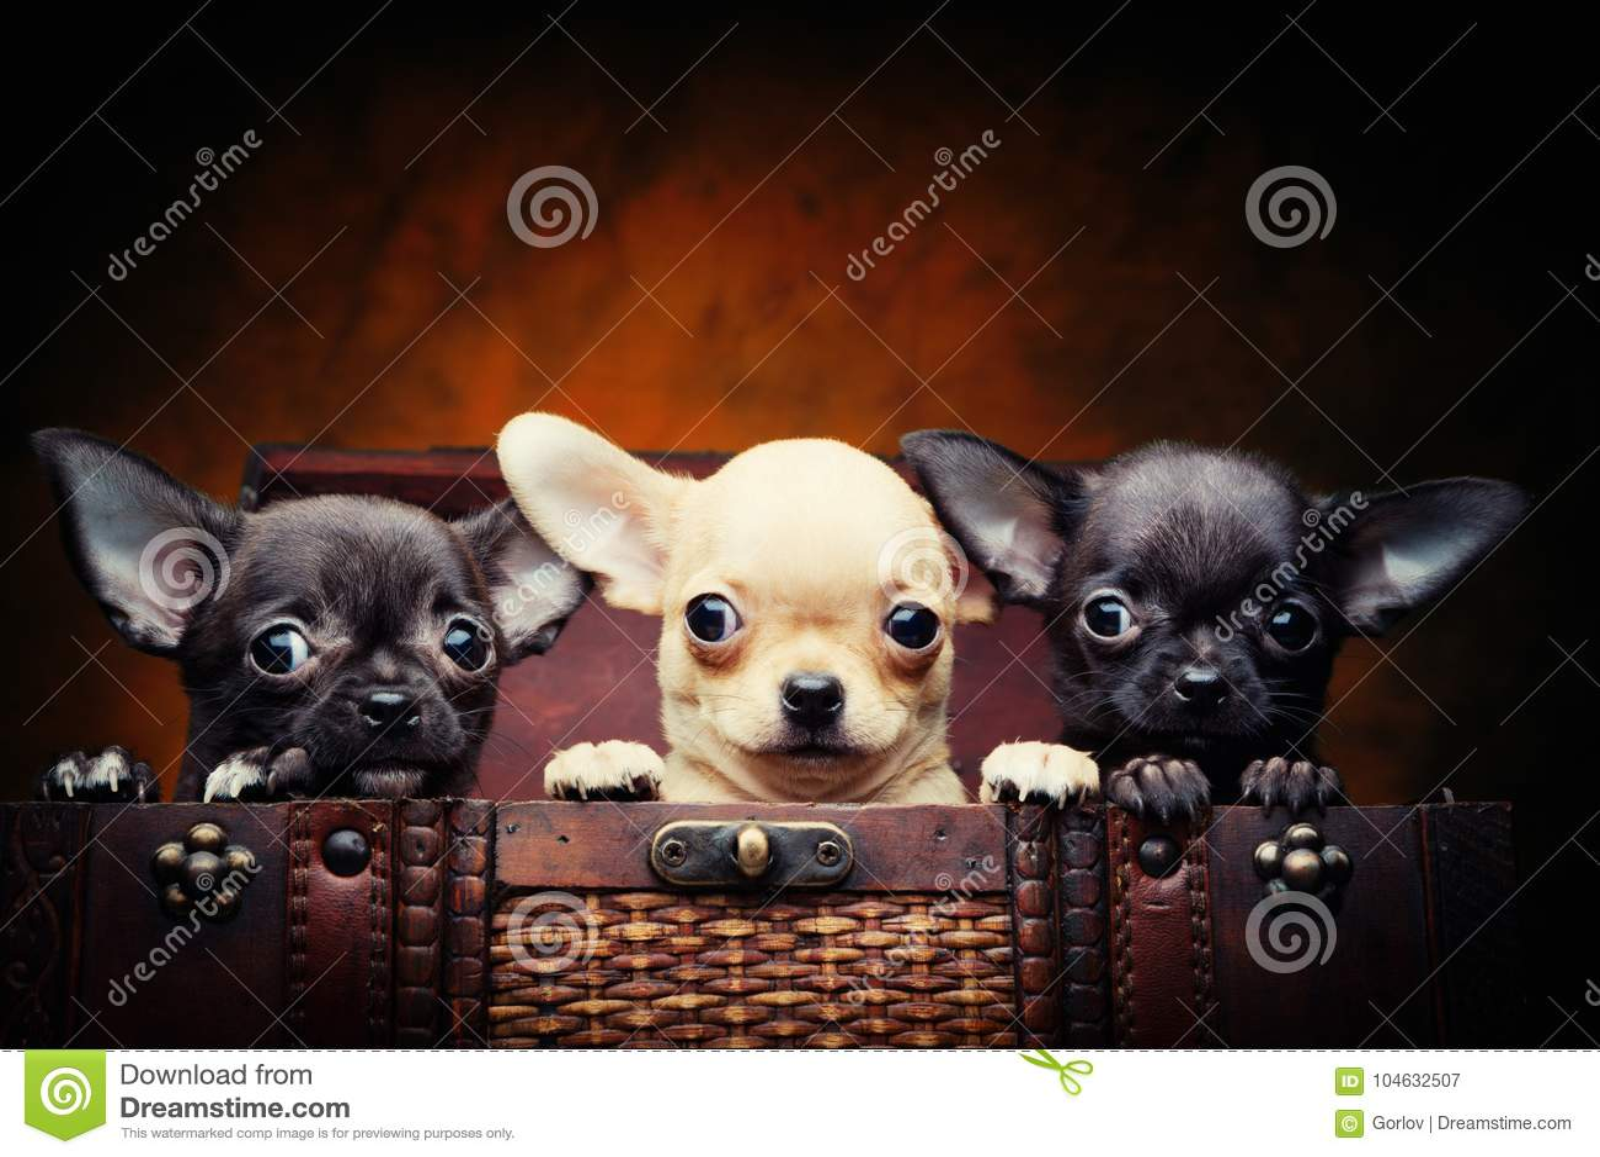 Download Het Puppyhond Van De Chihuahuababy In Studiokwaliteit Stock Afbeelding - Afbeelding bestaande uit kwaliteit, liefde: 104632507